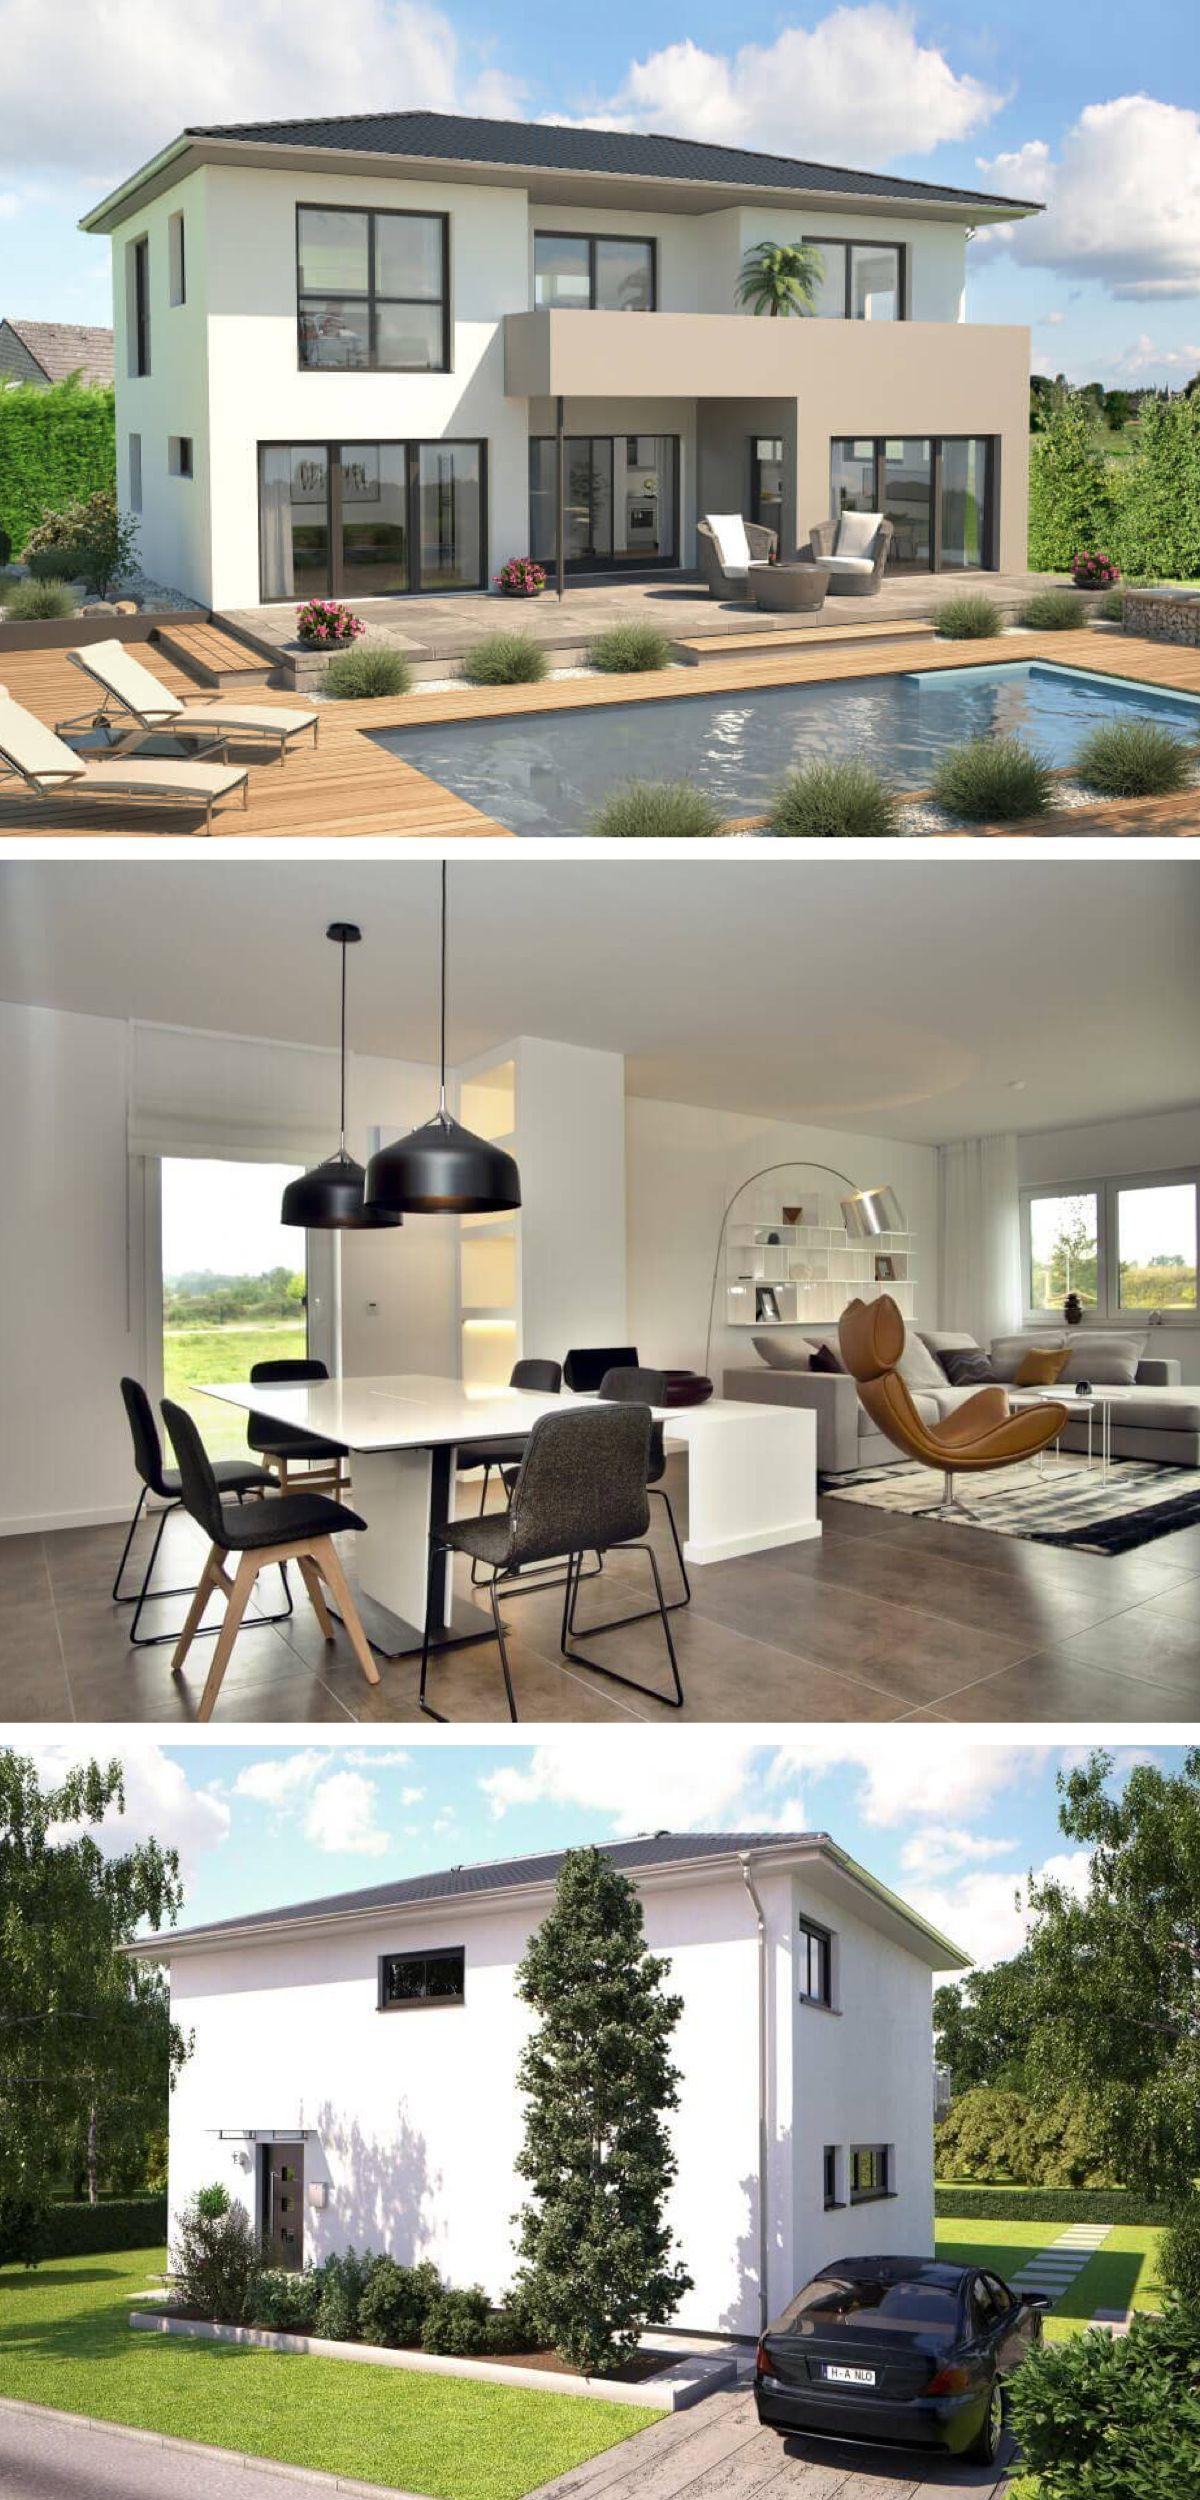 Stadtvilla modern mit Galerie & Zeltdach Architektur Massivhaus